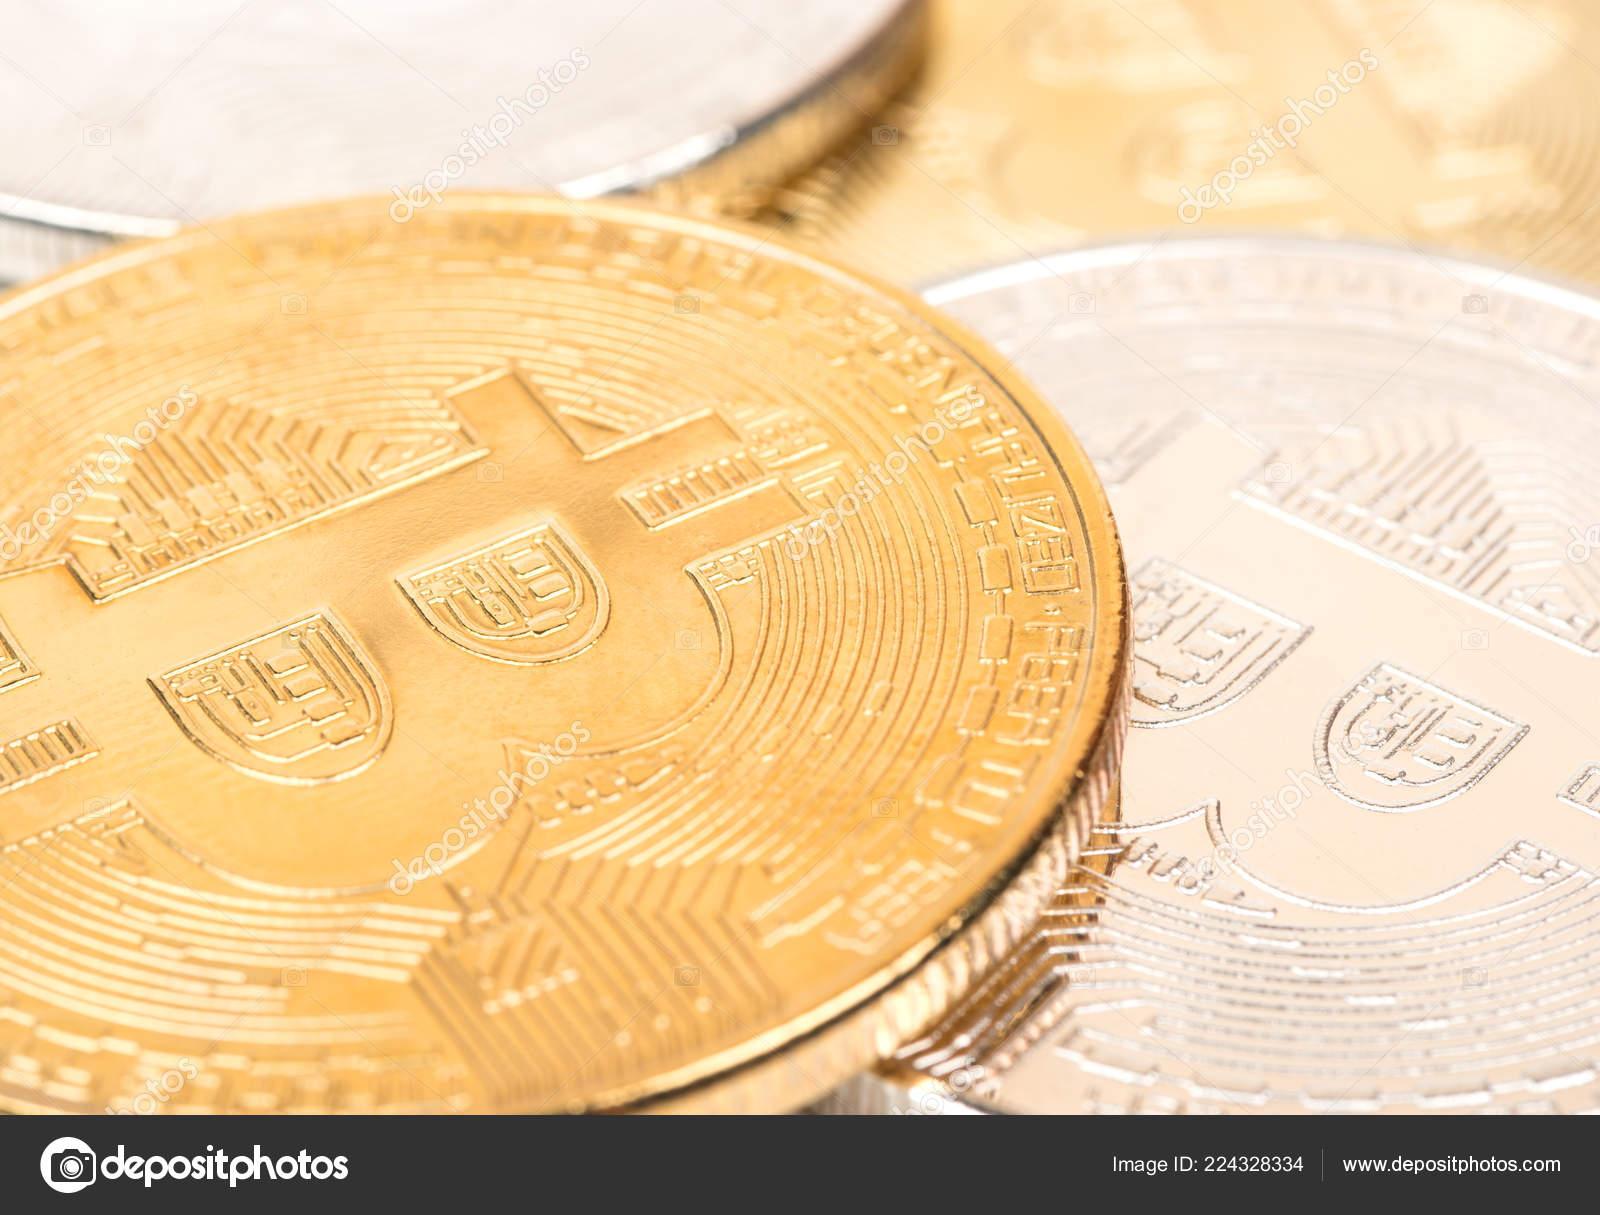 gold silver or bitcoin